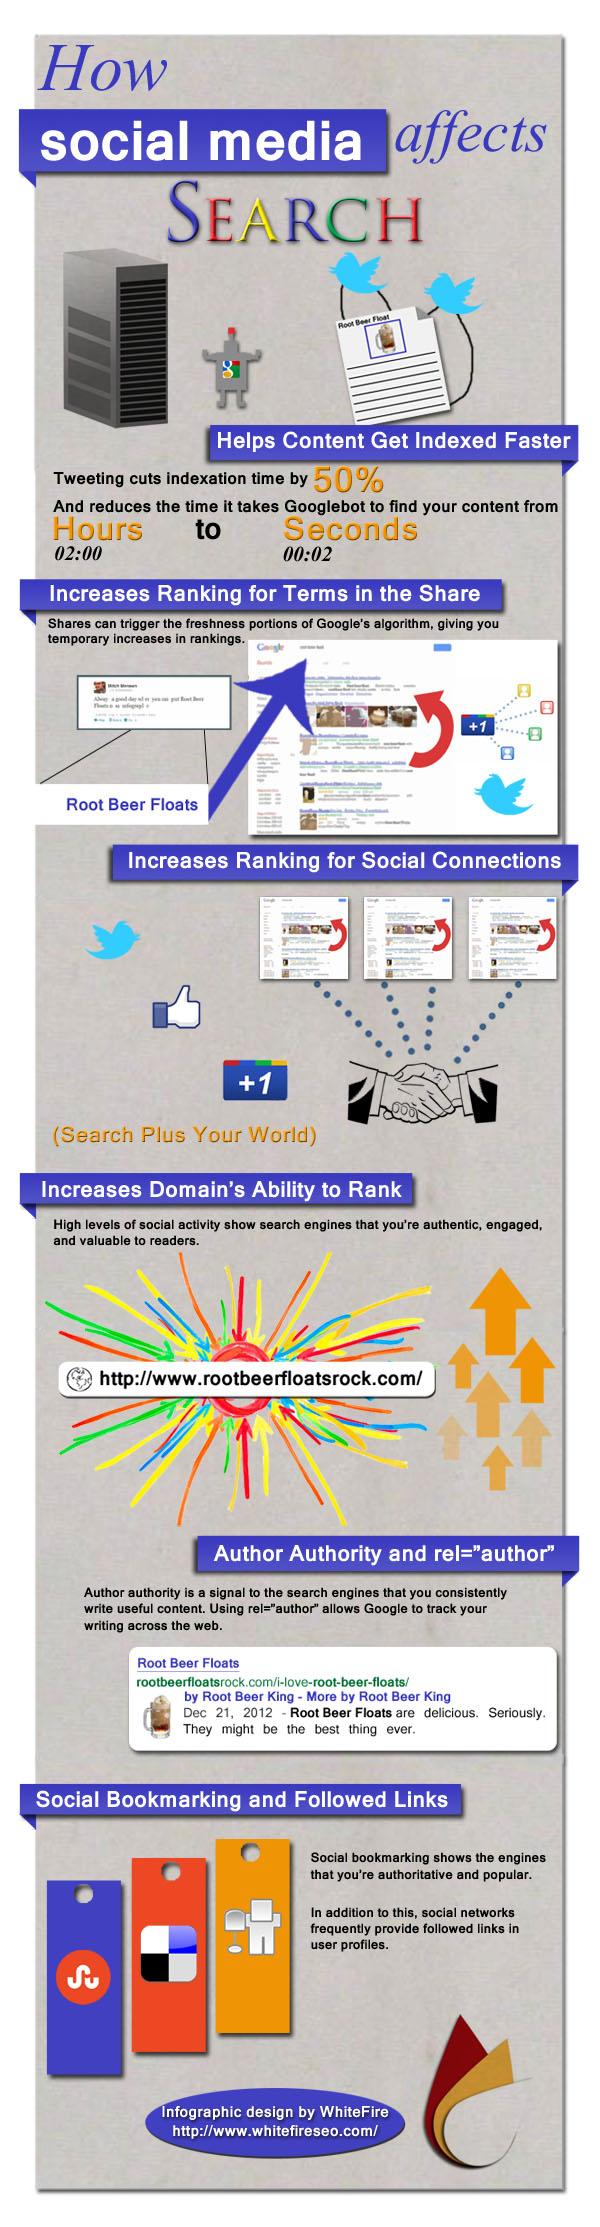 Como afecta el social media al SEO